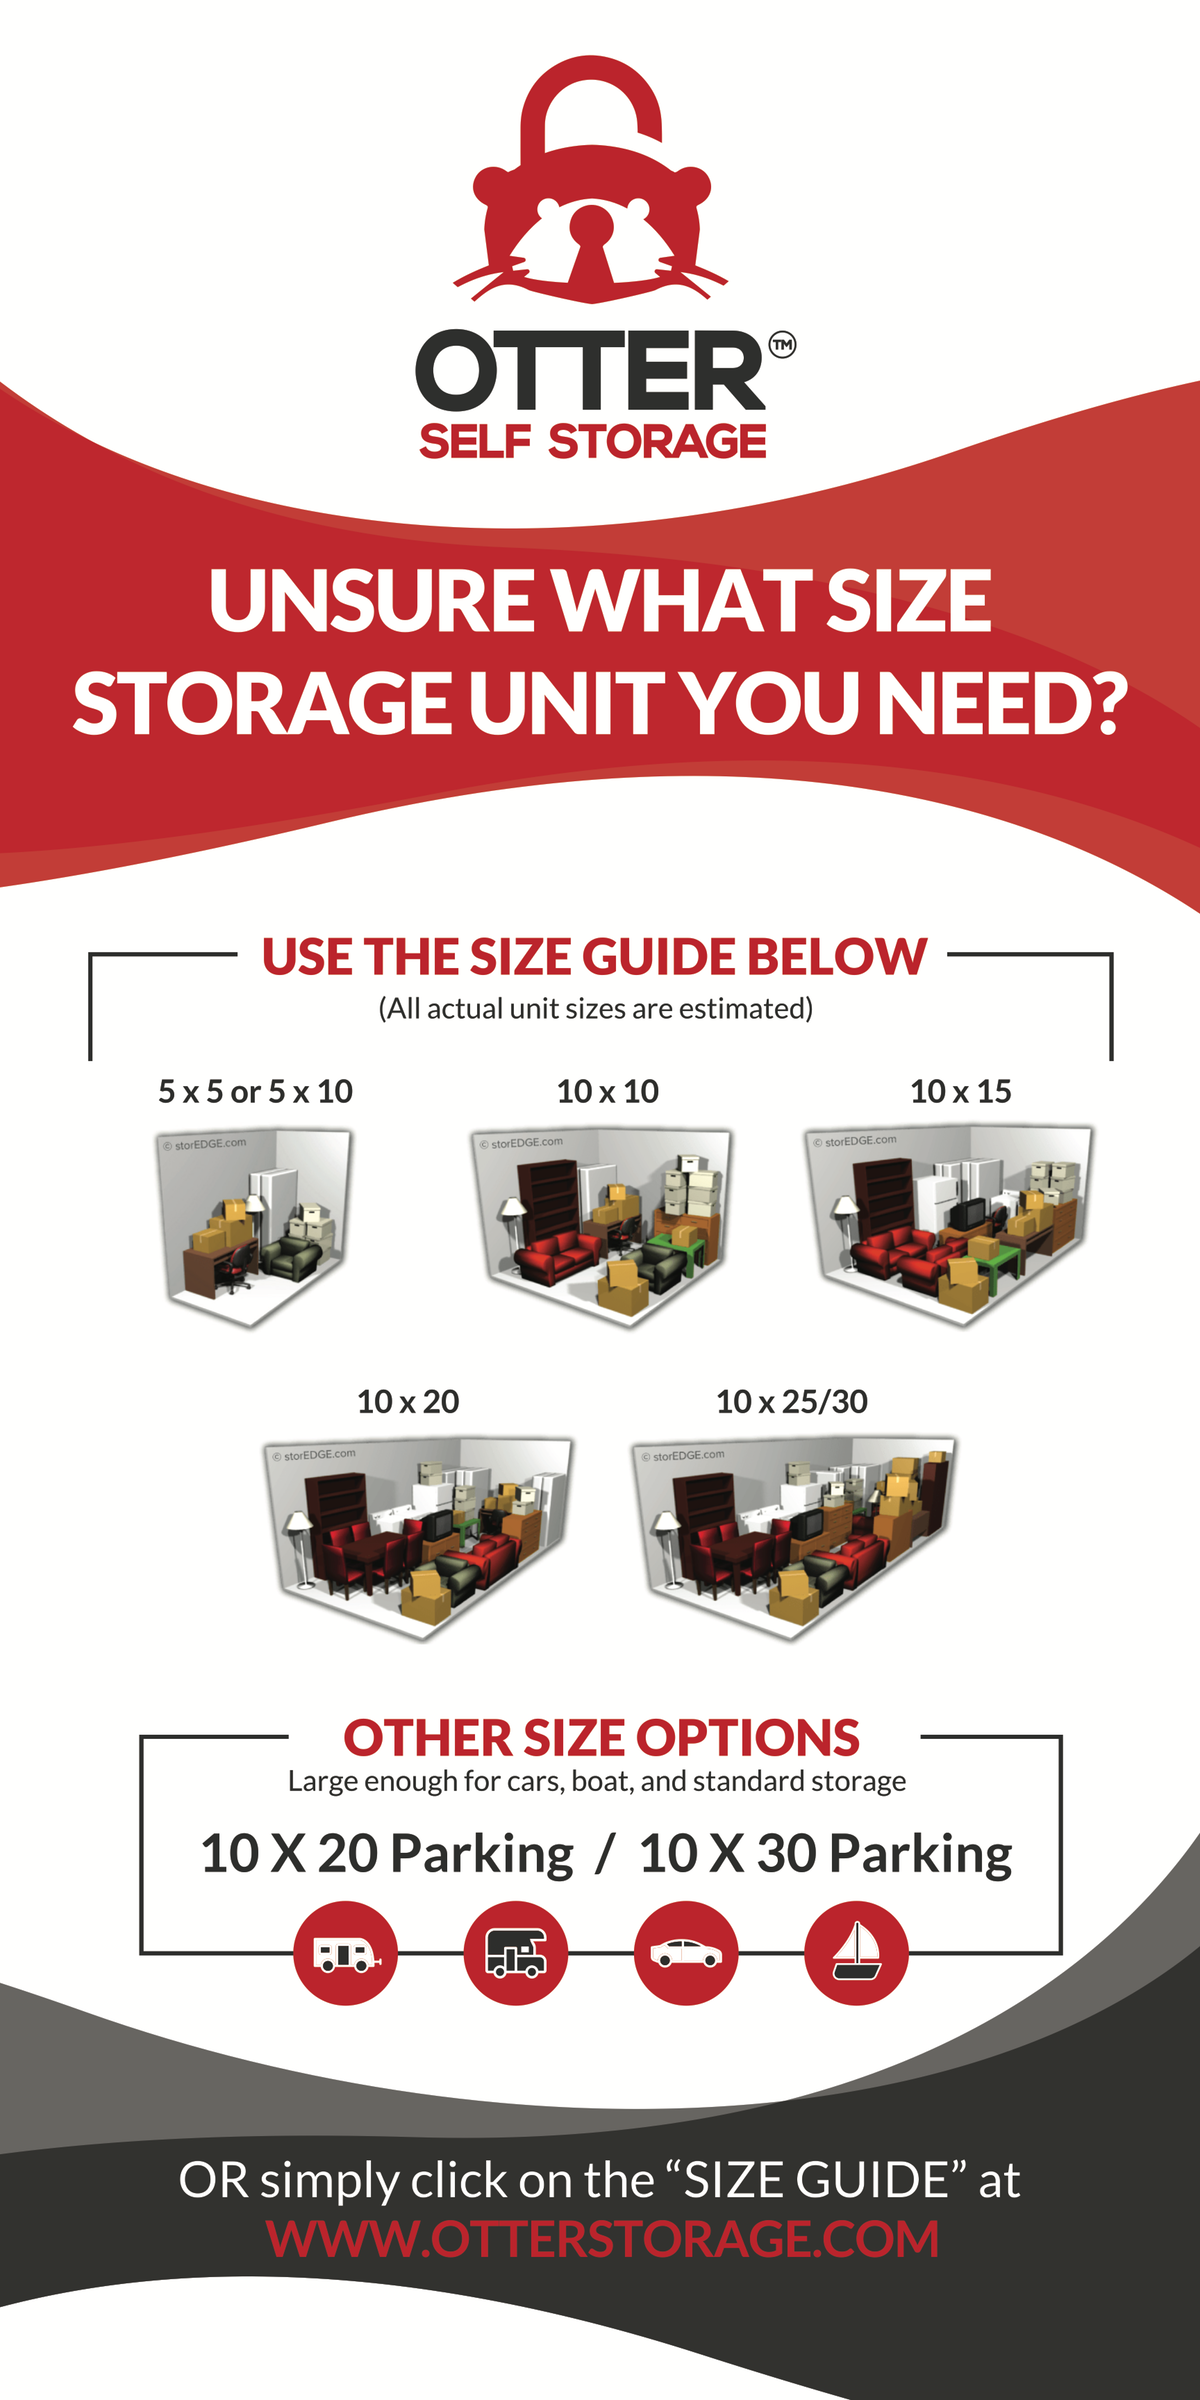 Otter Self Storage - Rental Center Re-Design